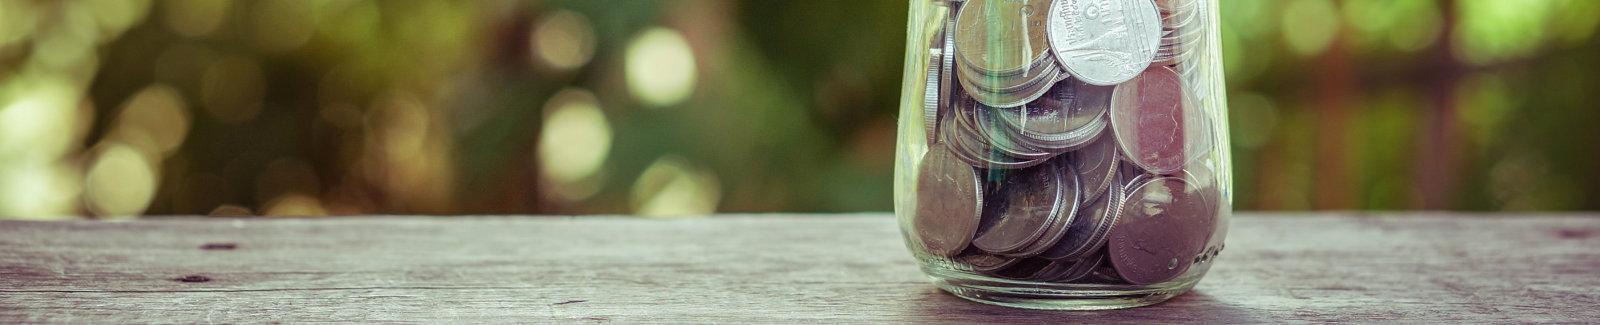 Change Jar Savings Program